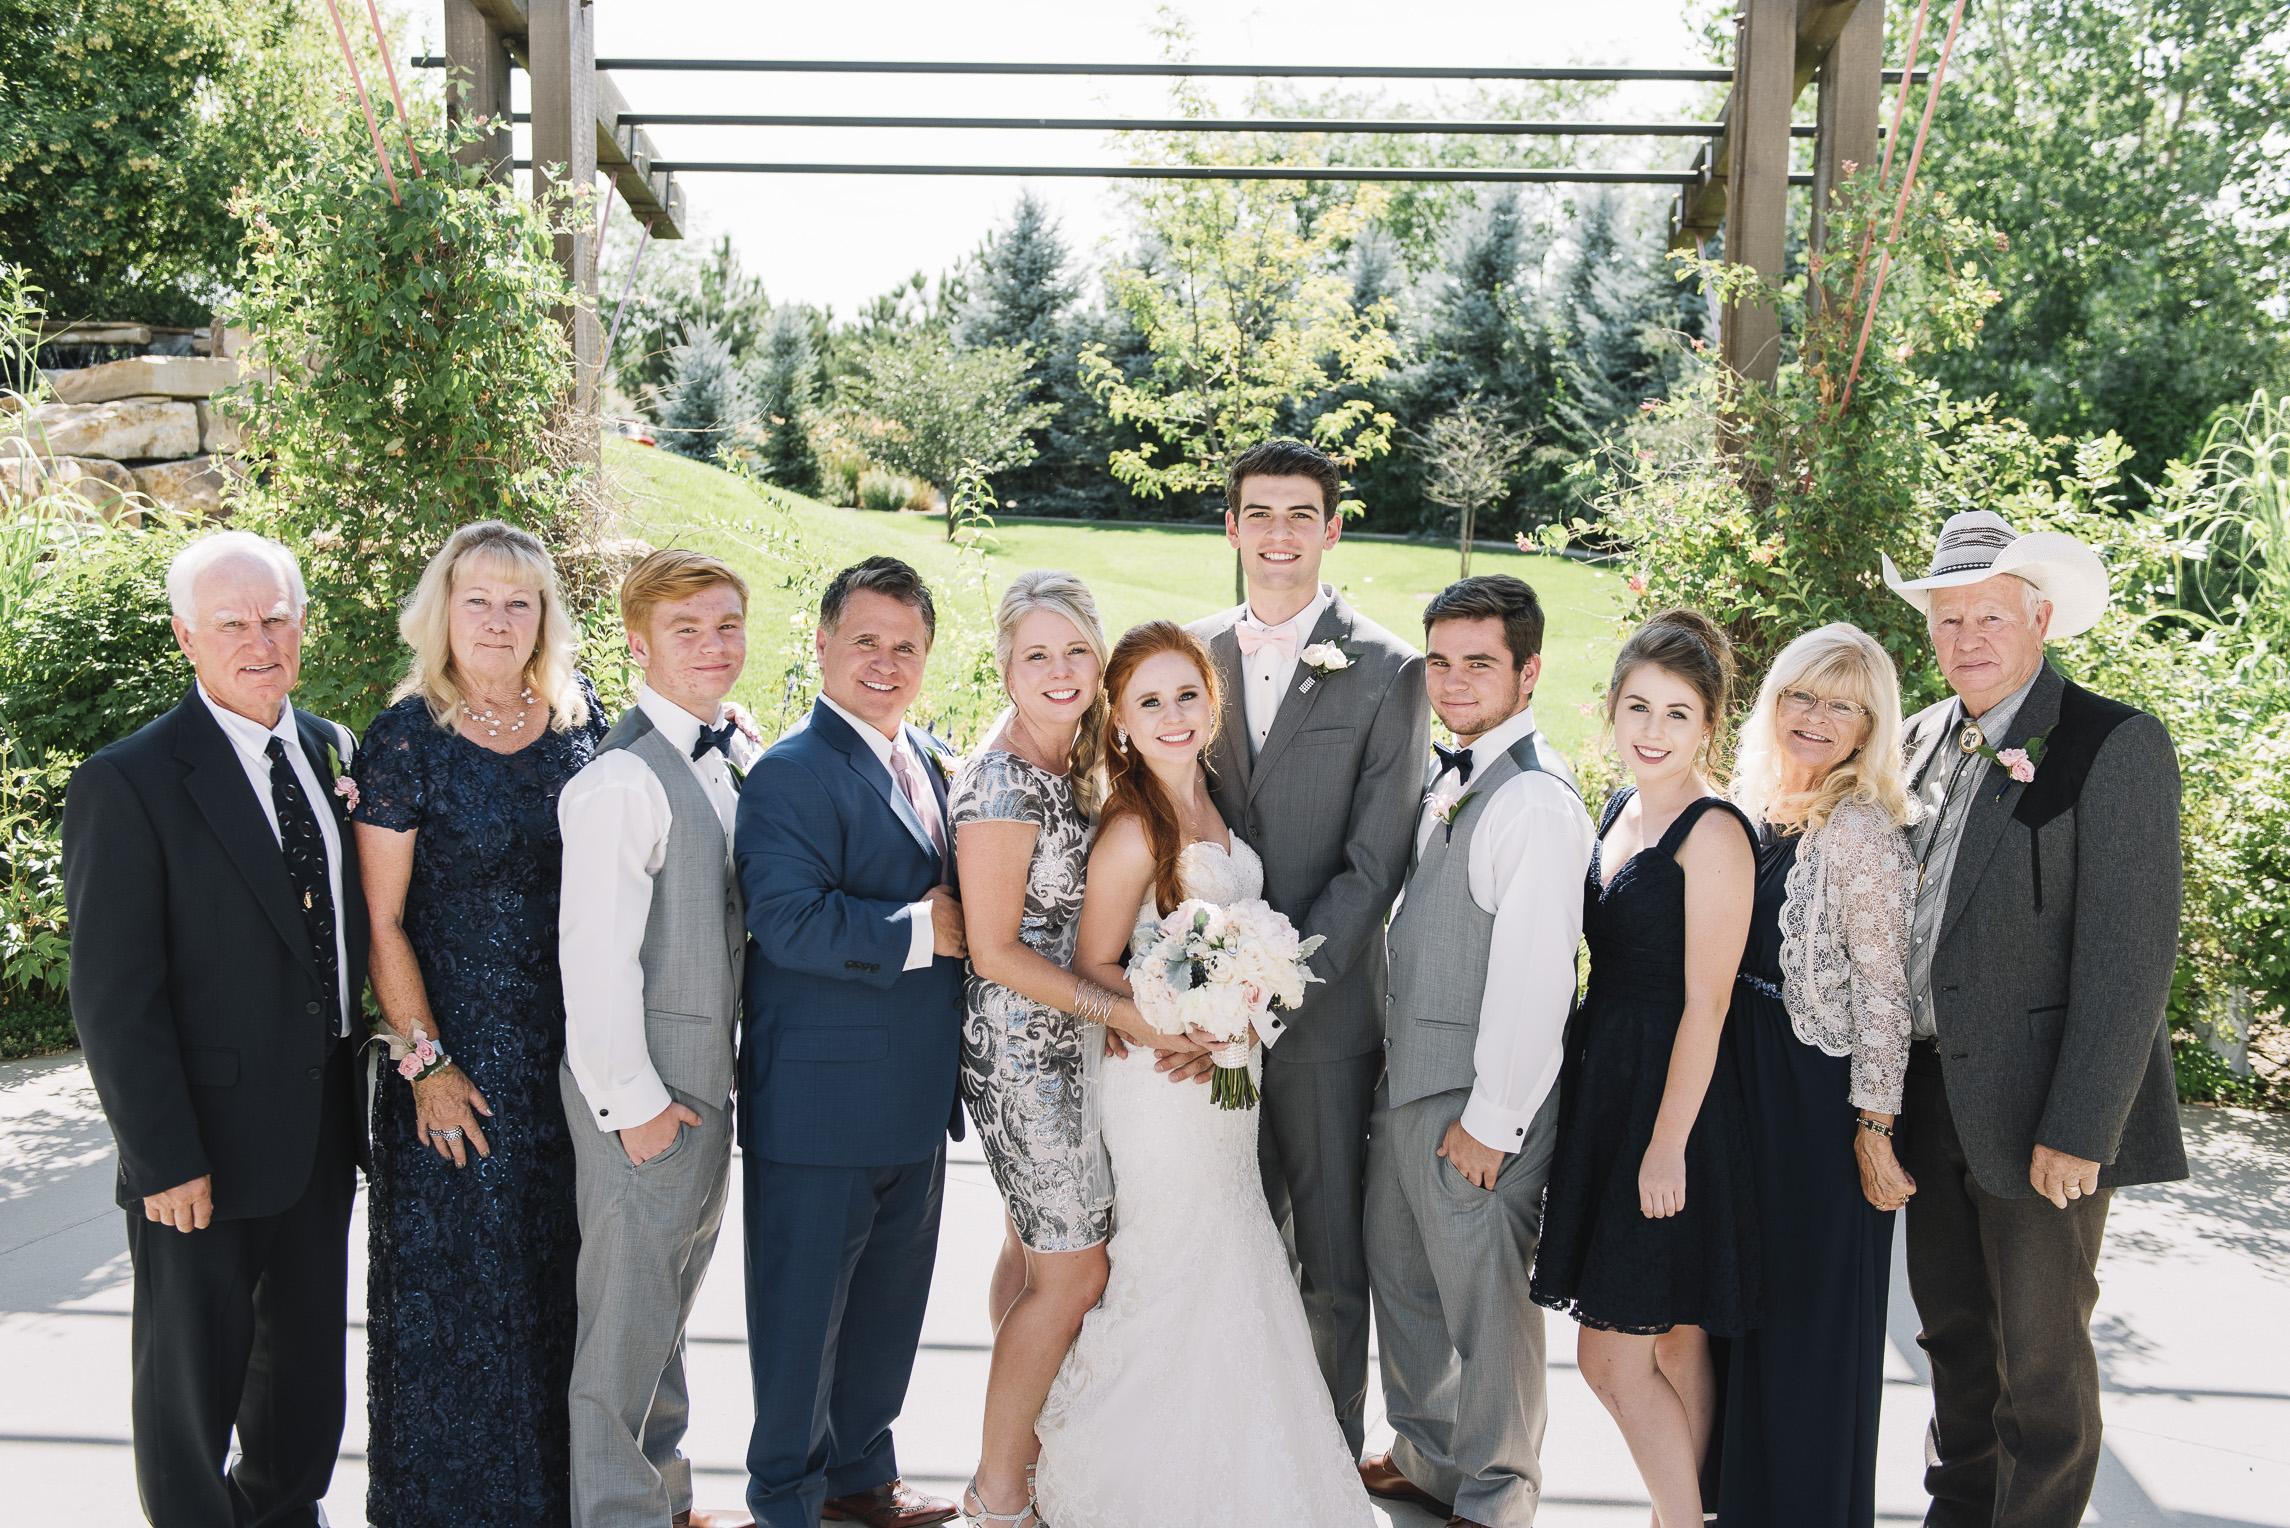 web sized images -- no to print --CALVIN & MCKYLEY WEDDING PHOTOS - COLORADO PHOTOGRAPHER - DEBI RAE PHOTOGRAPHY-1205.jpg